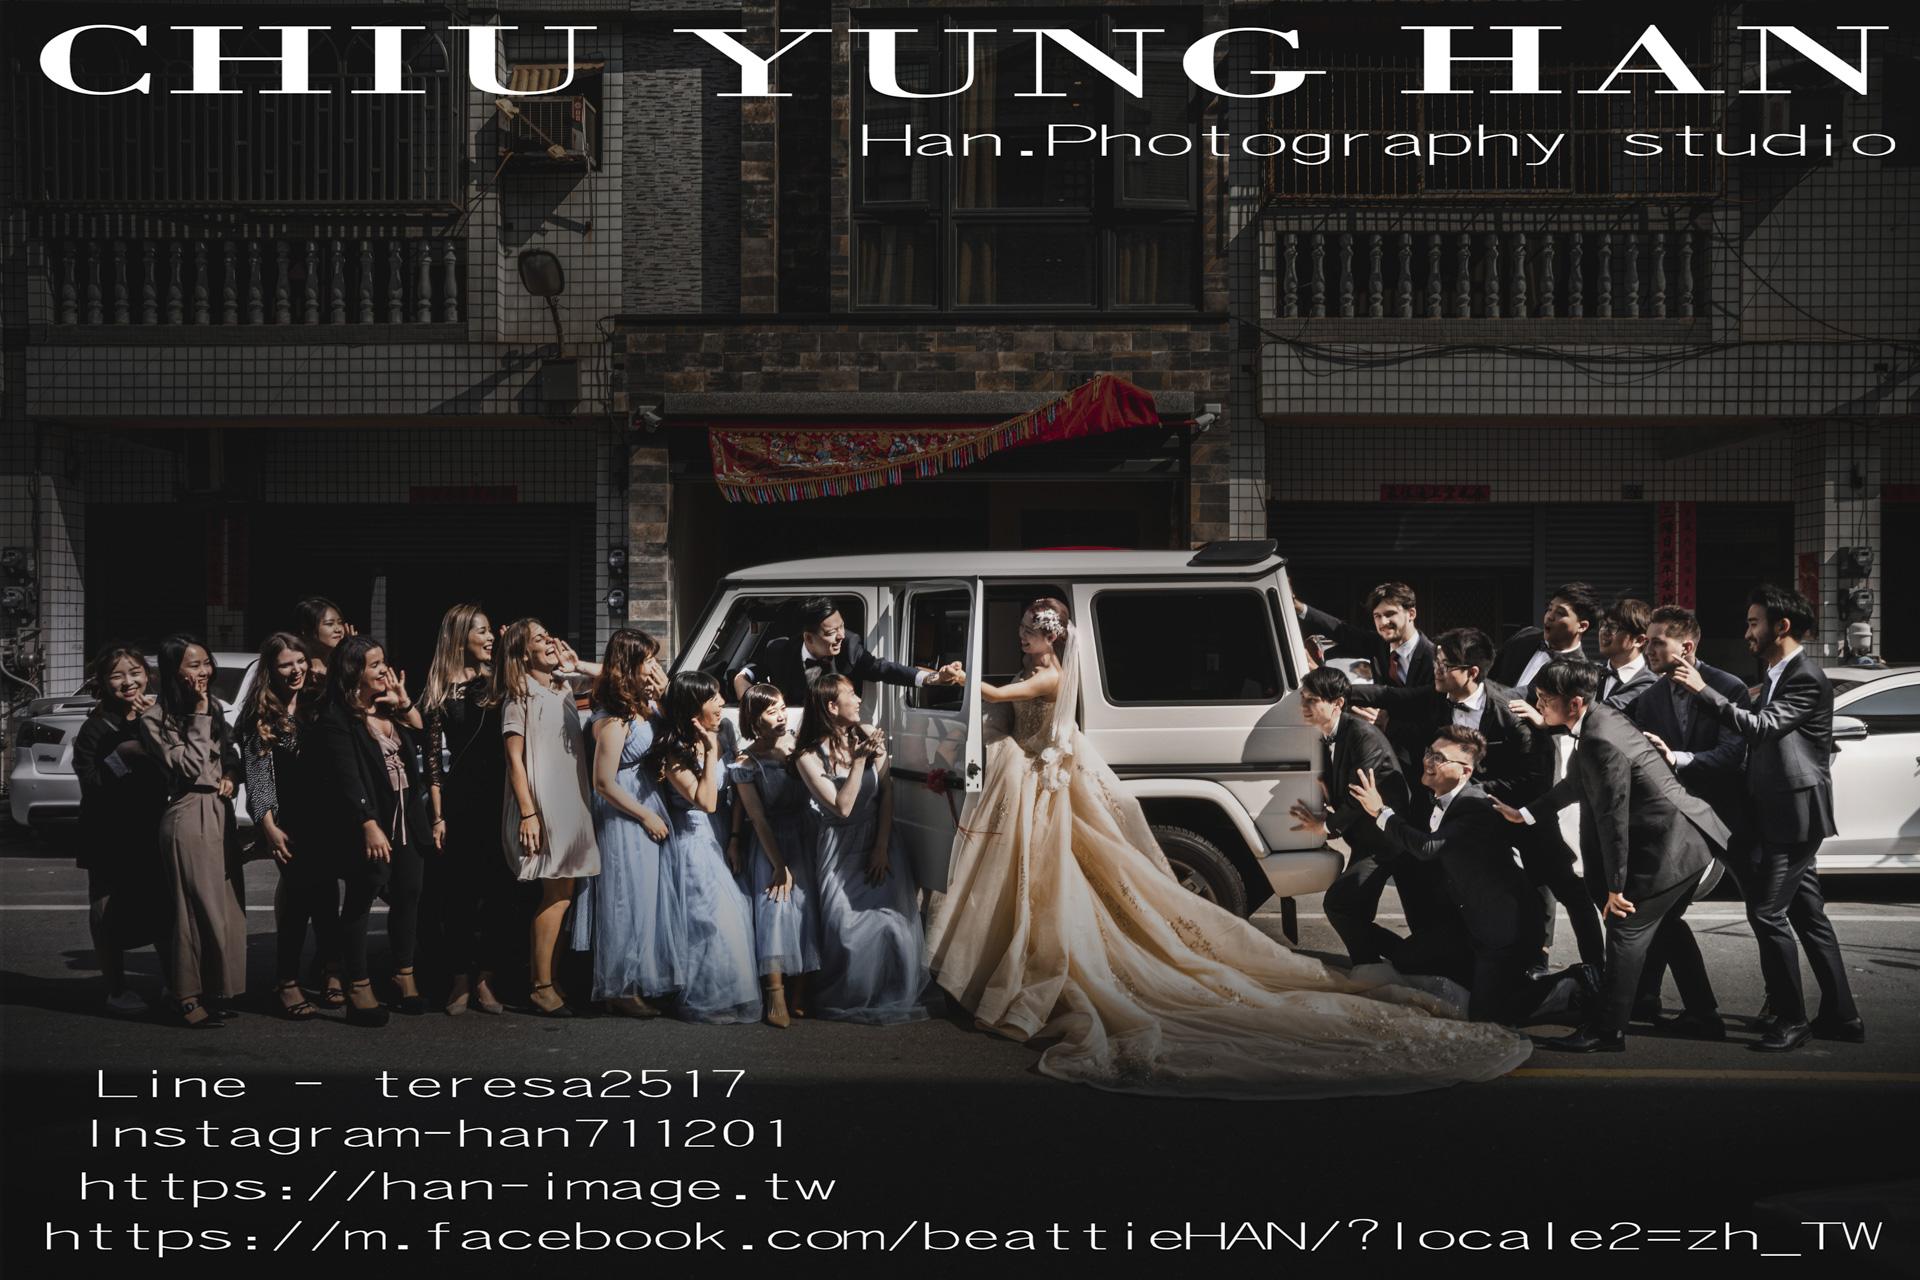 台中婚禮紀錄|林酒店|最重要的回憶,用相片承載記憶。